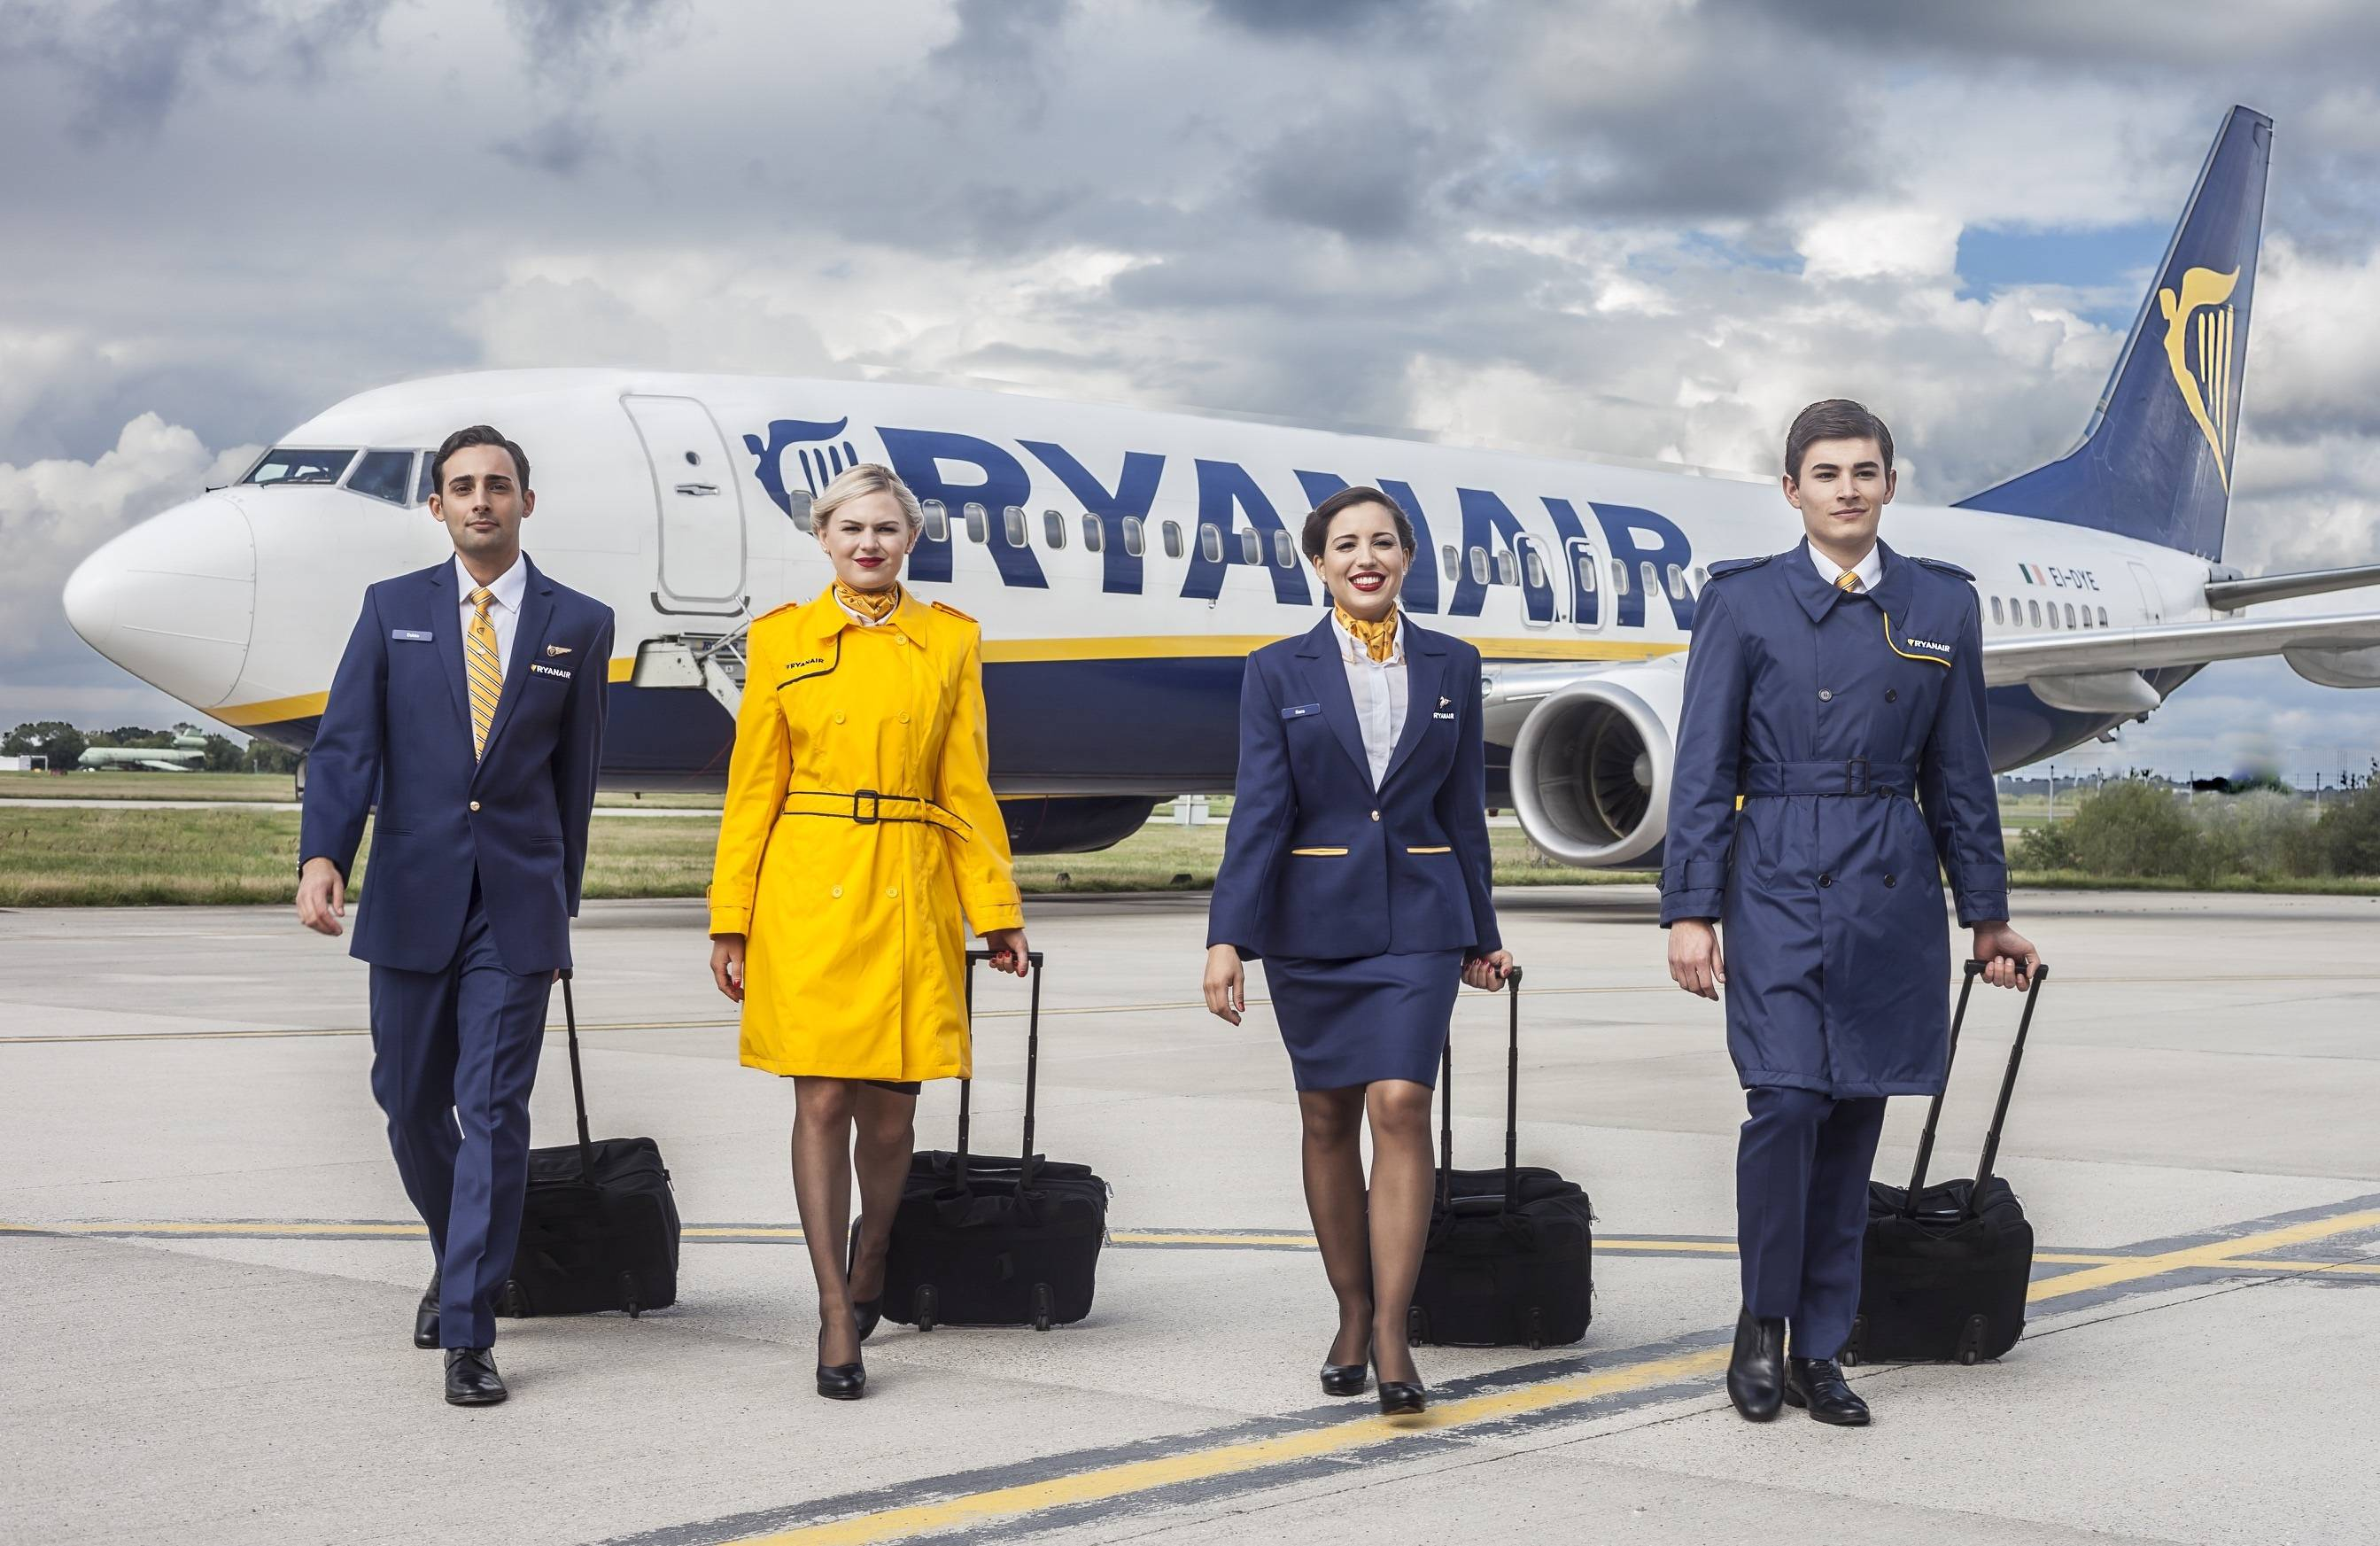 Atnaujintas Ryanair žiemos sezono tvarkaraštis. Ryanair įgula